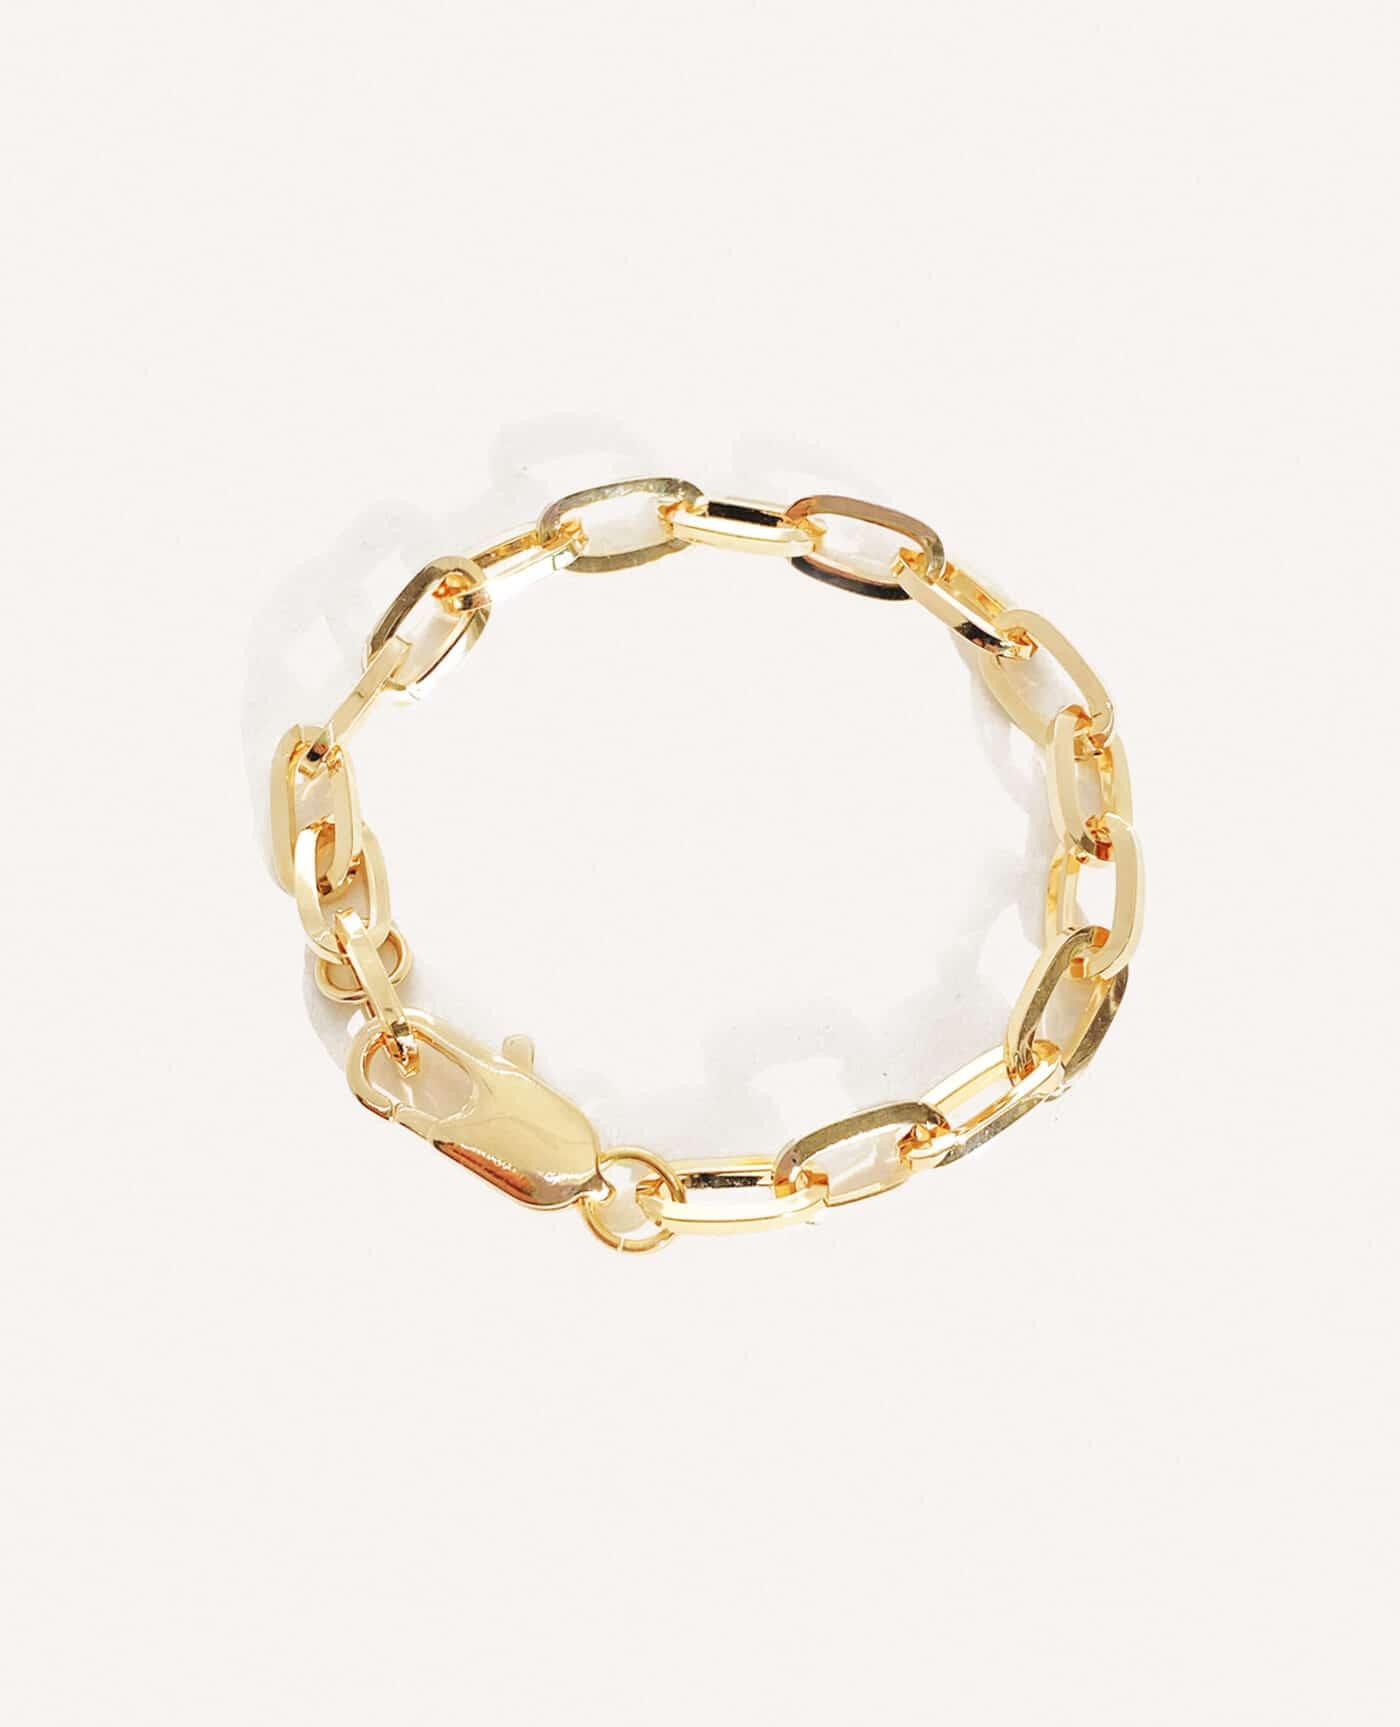 Bracelet Mina gourmette grosse maille en or de la marque Luj Paris